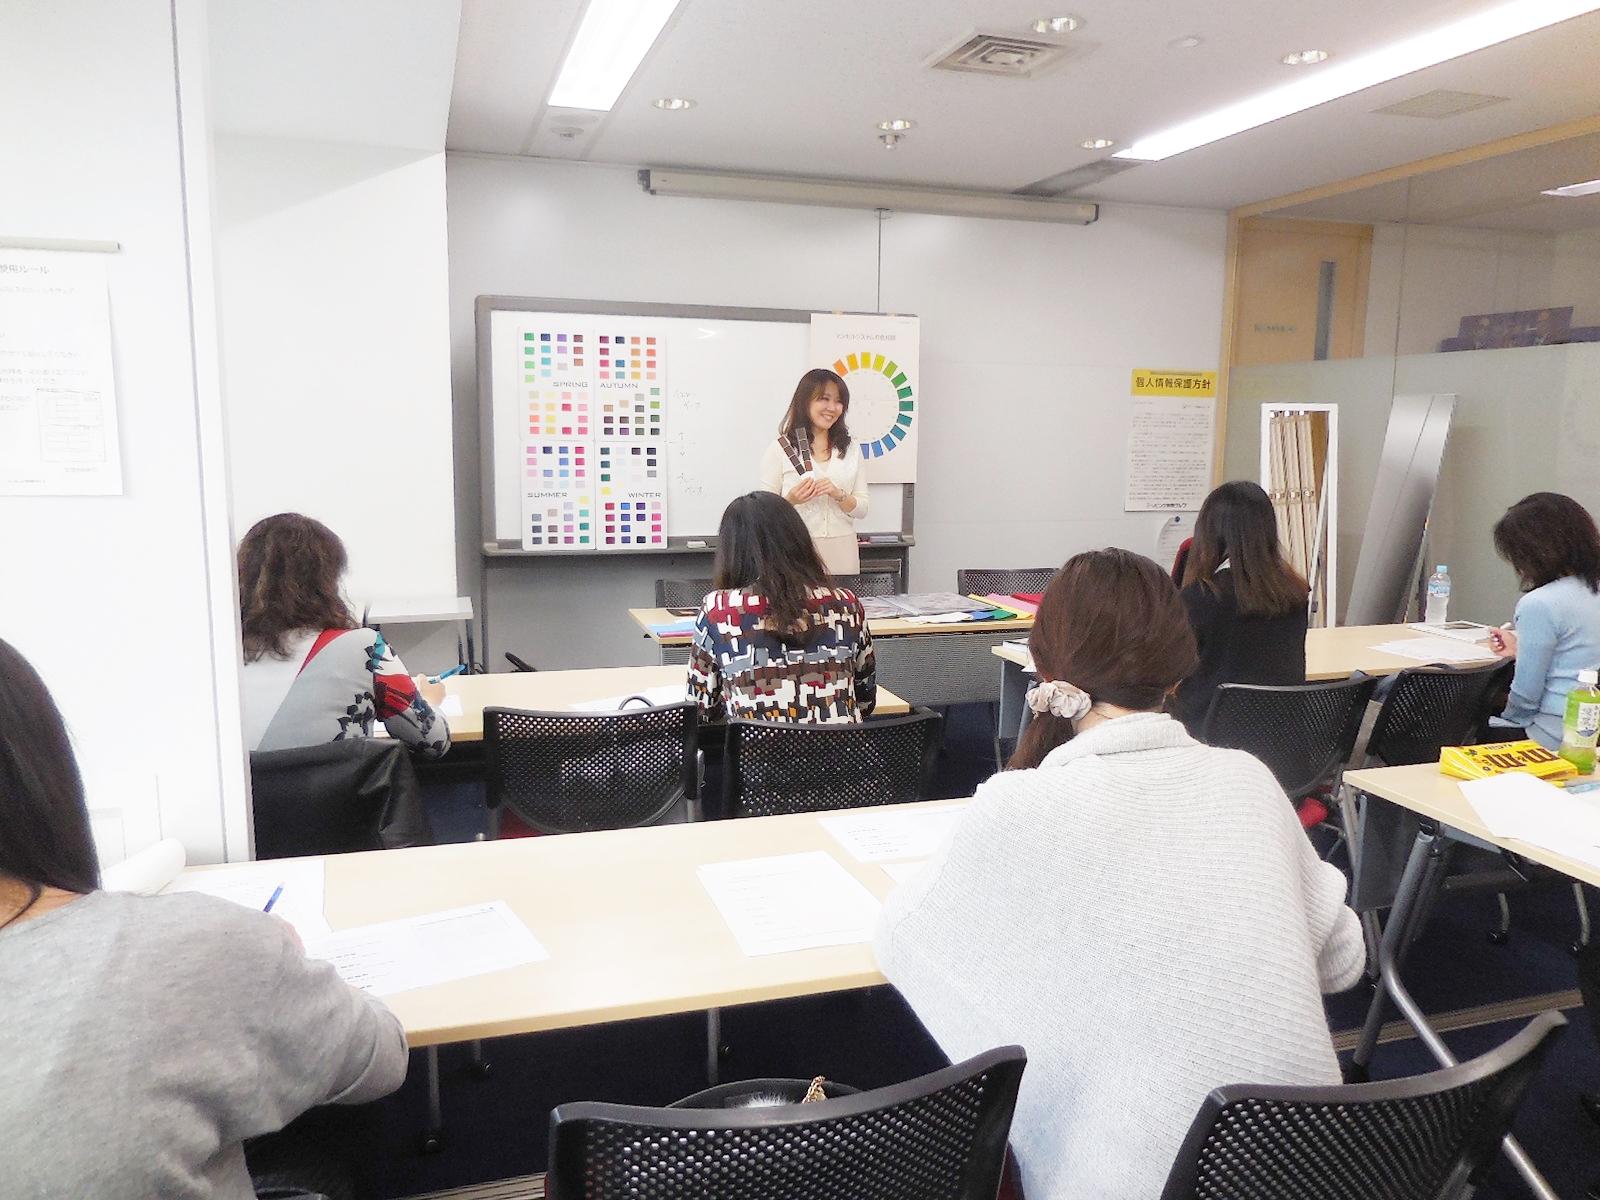 ICD認定パーソナルカラーレッスン サンケイリビング新聞社 麹町教室